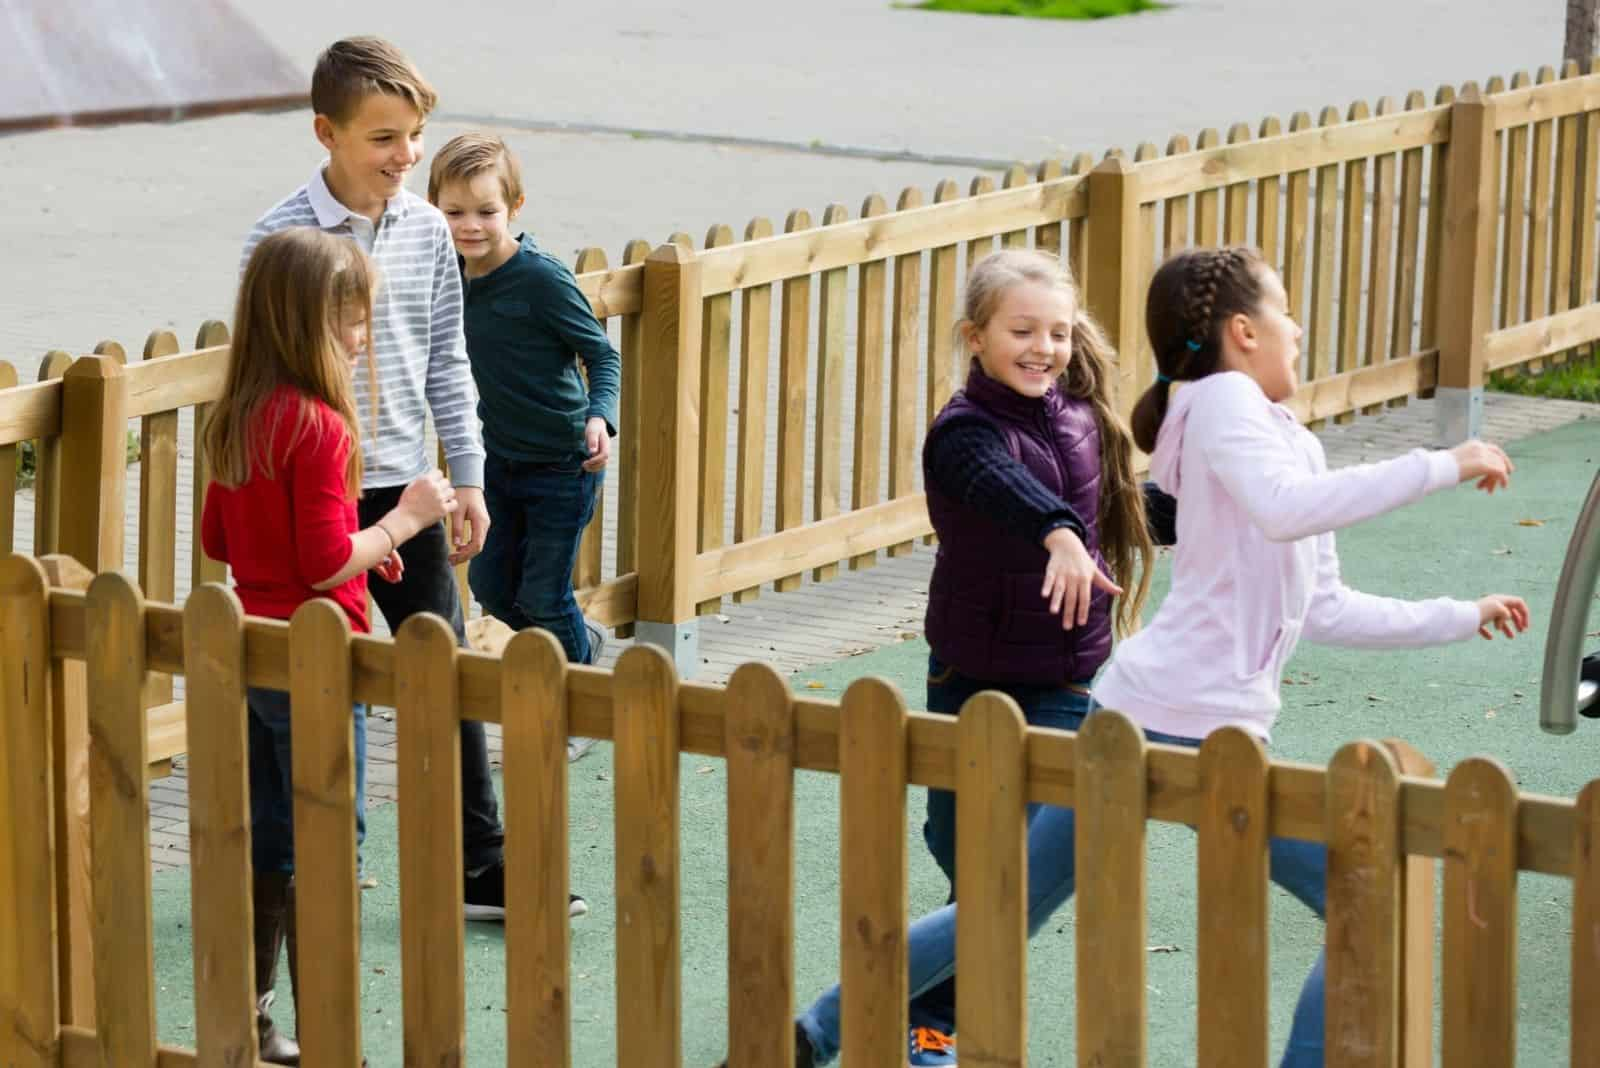 glückliche spielende Kinder innerhalb eines Zauns im Freien fangen und berühren